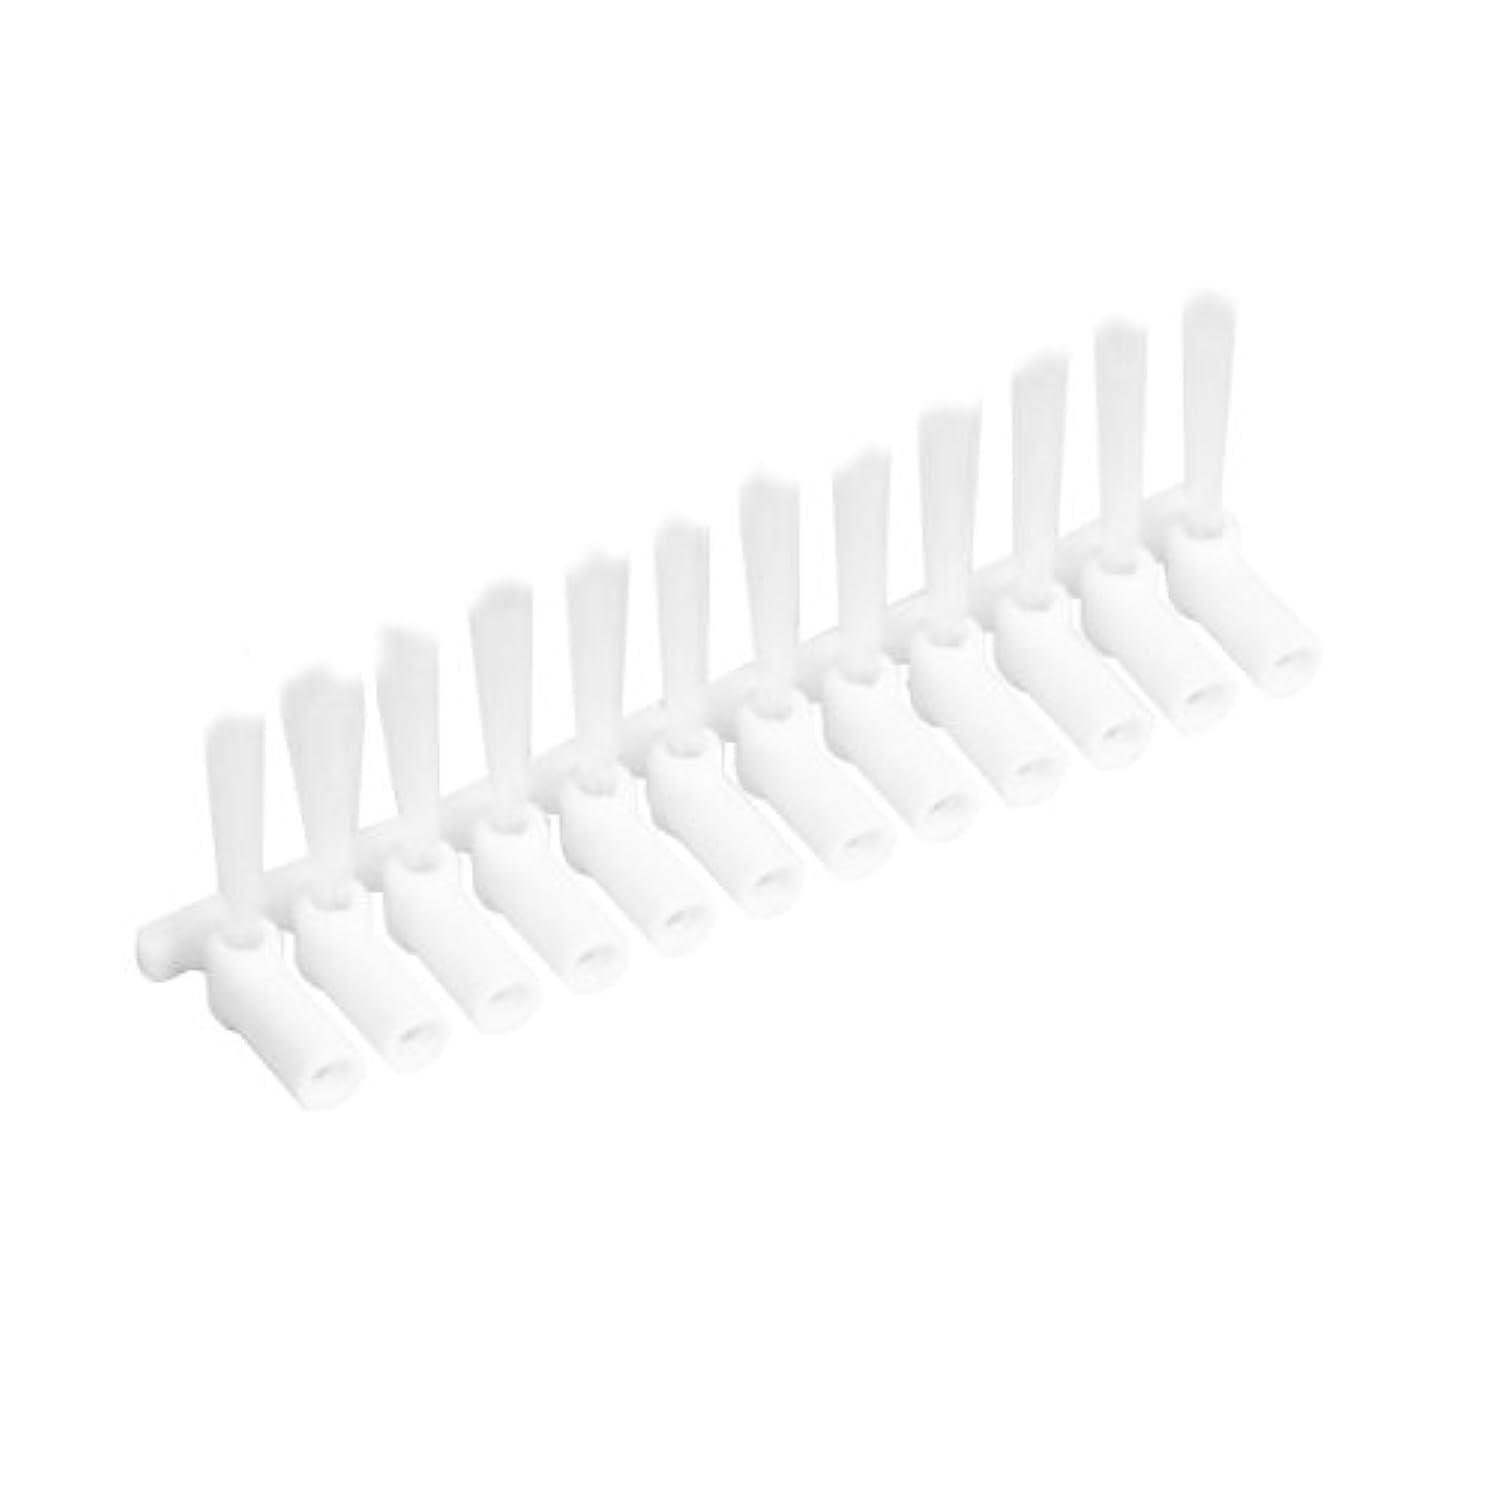 満員触覚口述する山善 電動歯間ブラシ デンタルペッカー専用替ブラシ 12本(専用保管ケース付) DPK-10